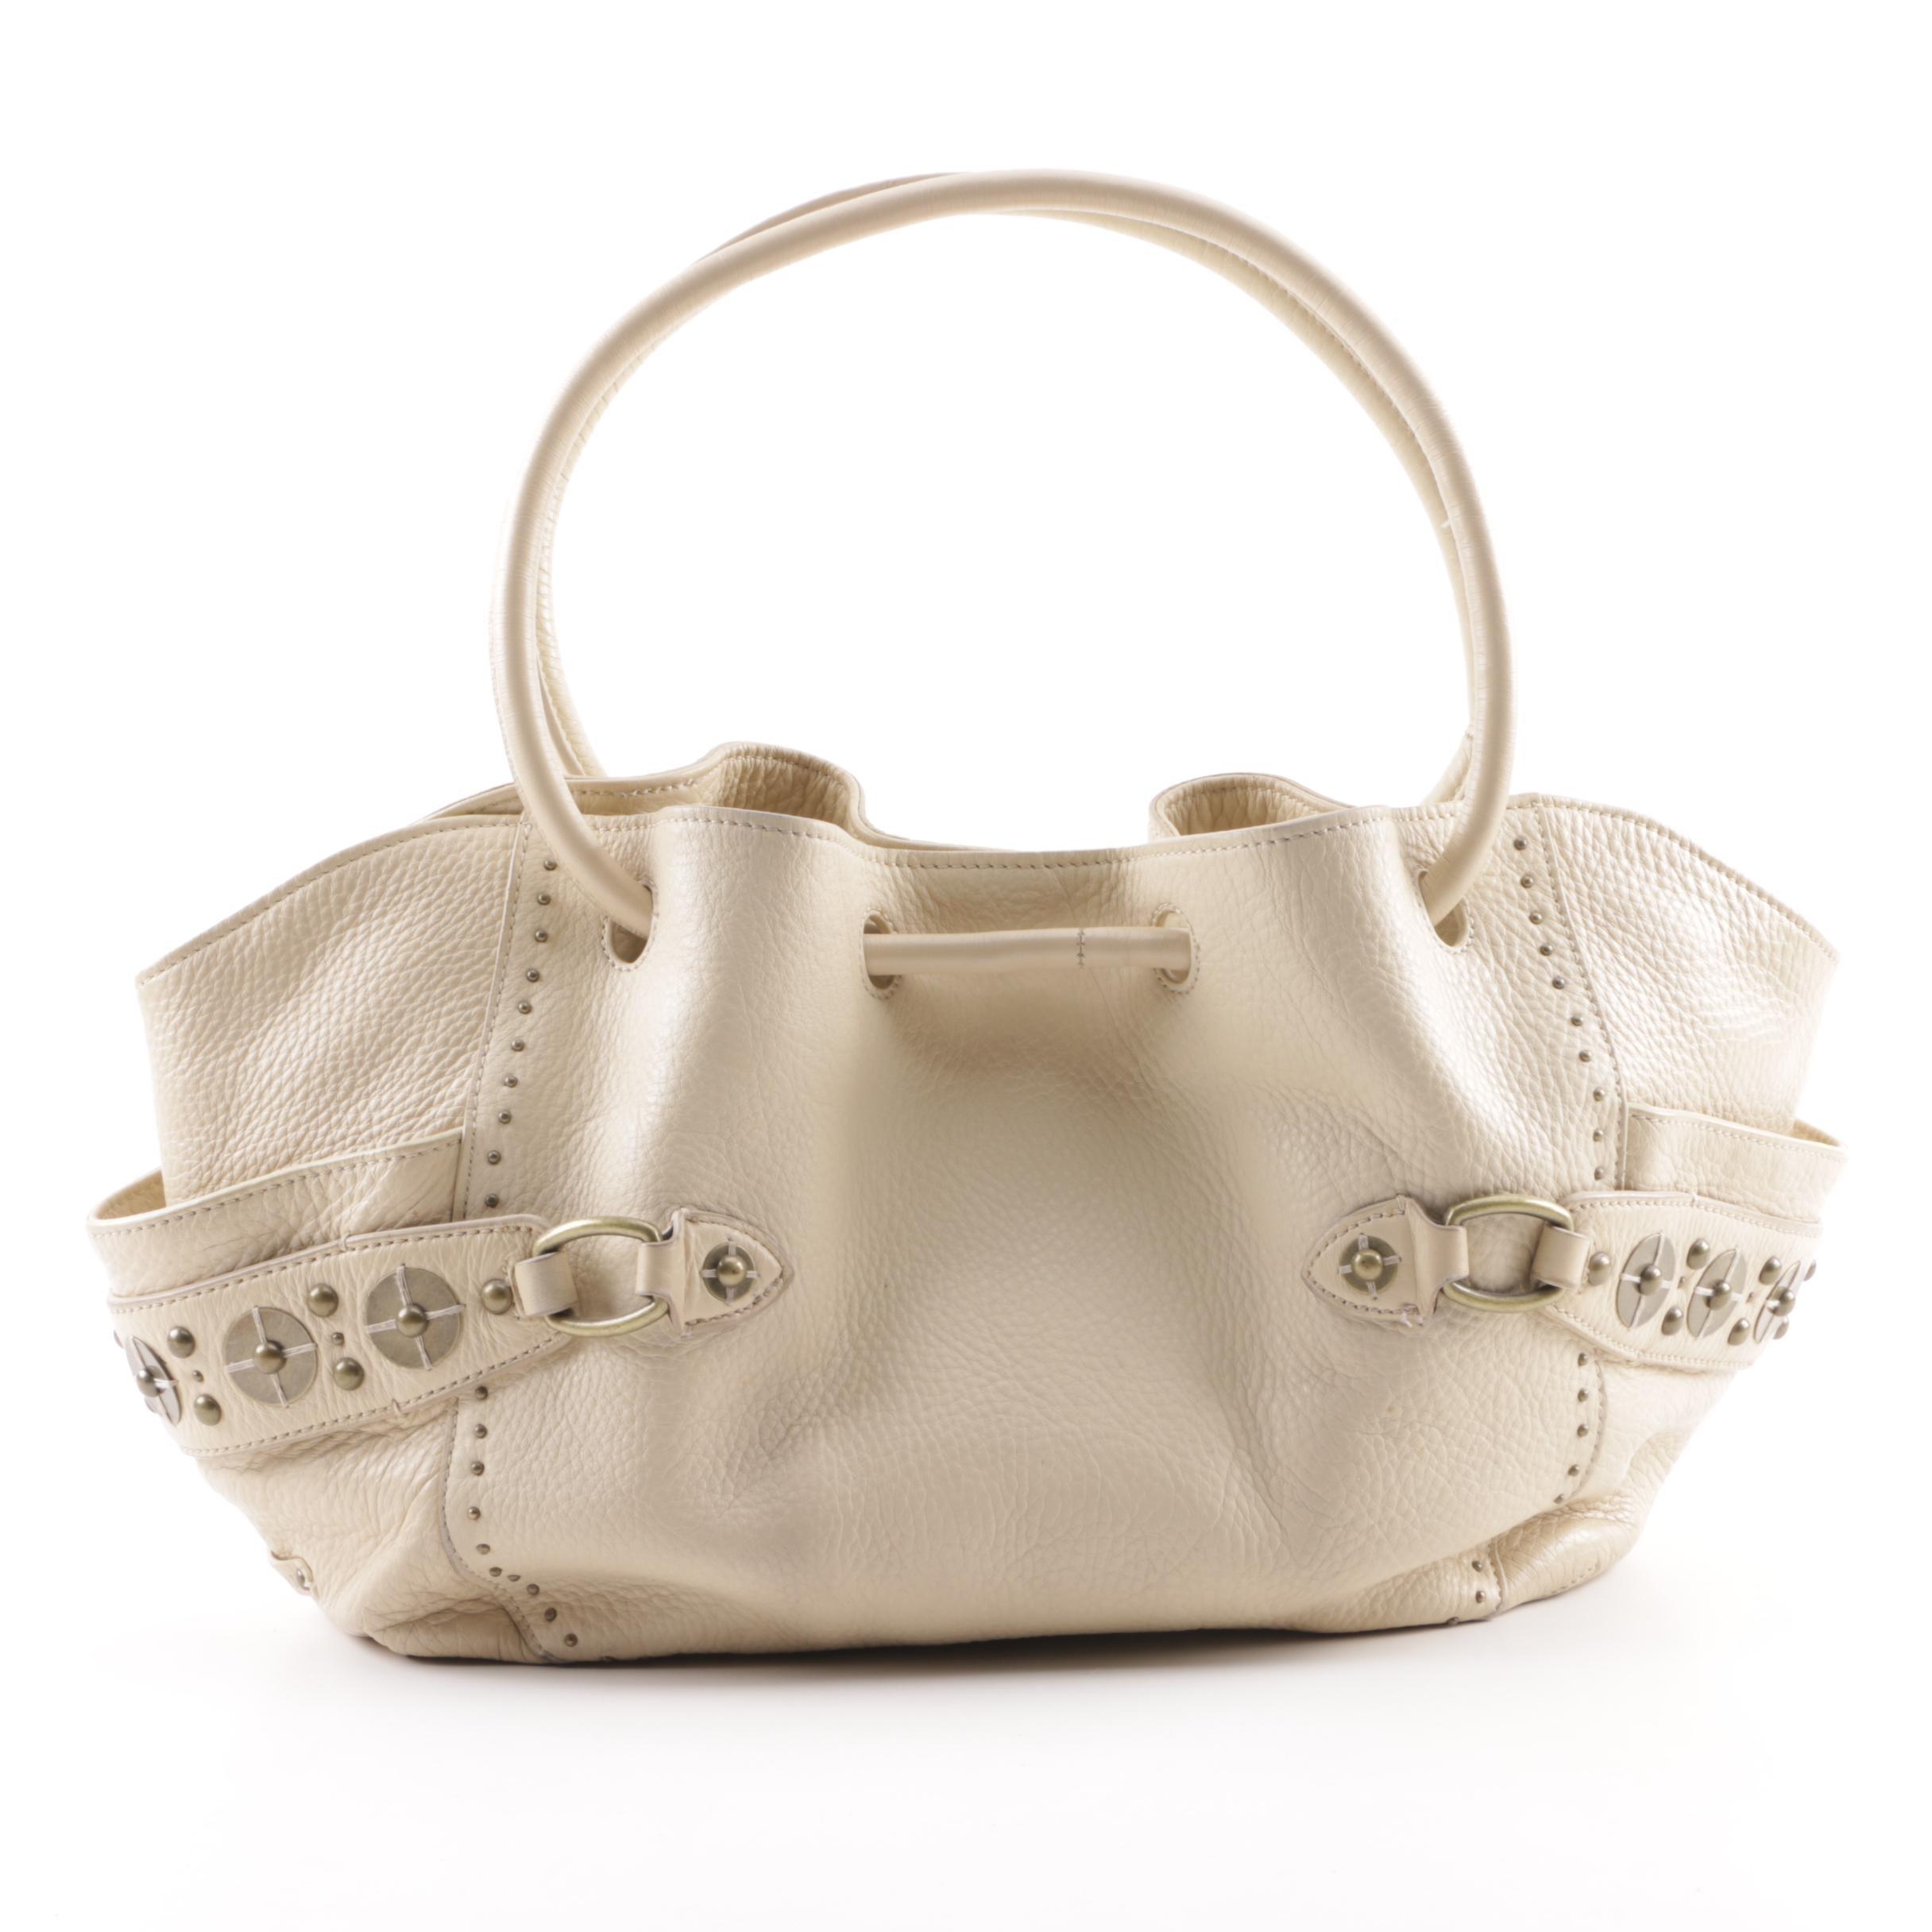 Cole Haan Village Paillette Studded Beige Pebbled Leather Hobo Bag